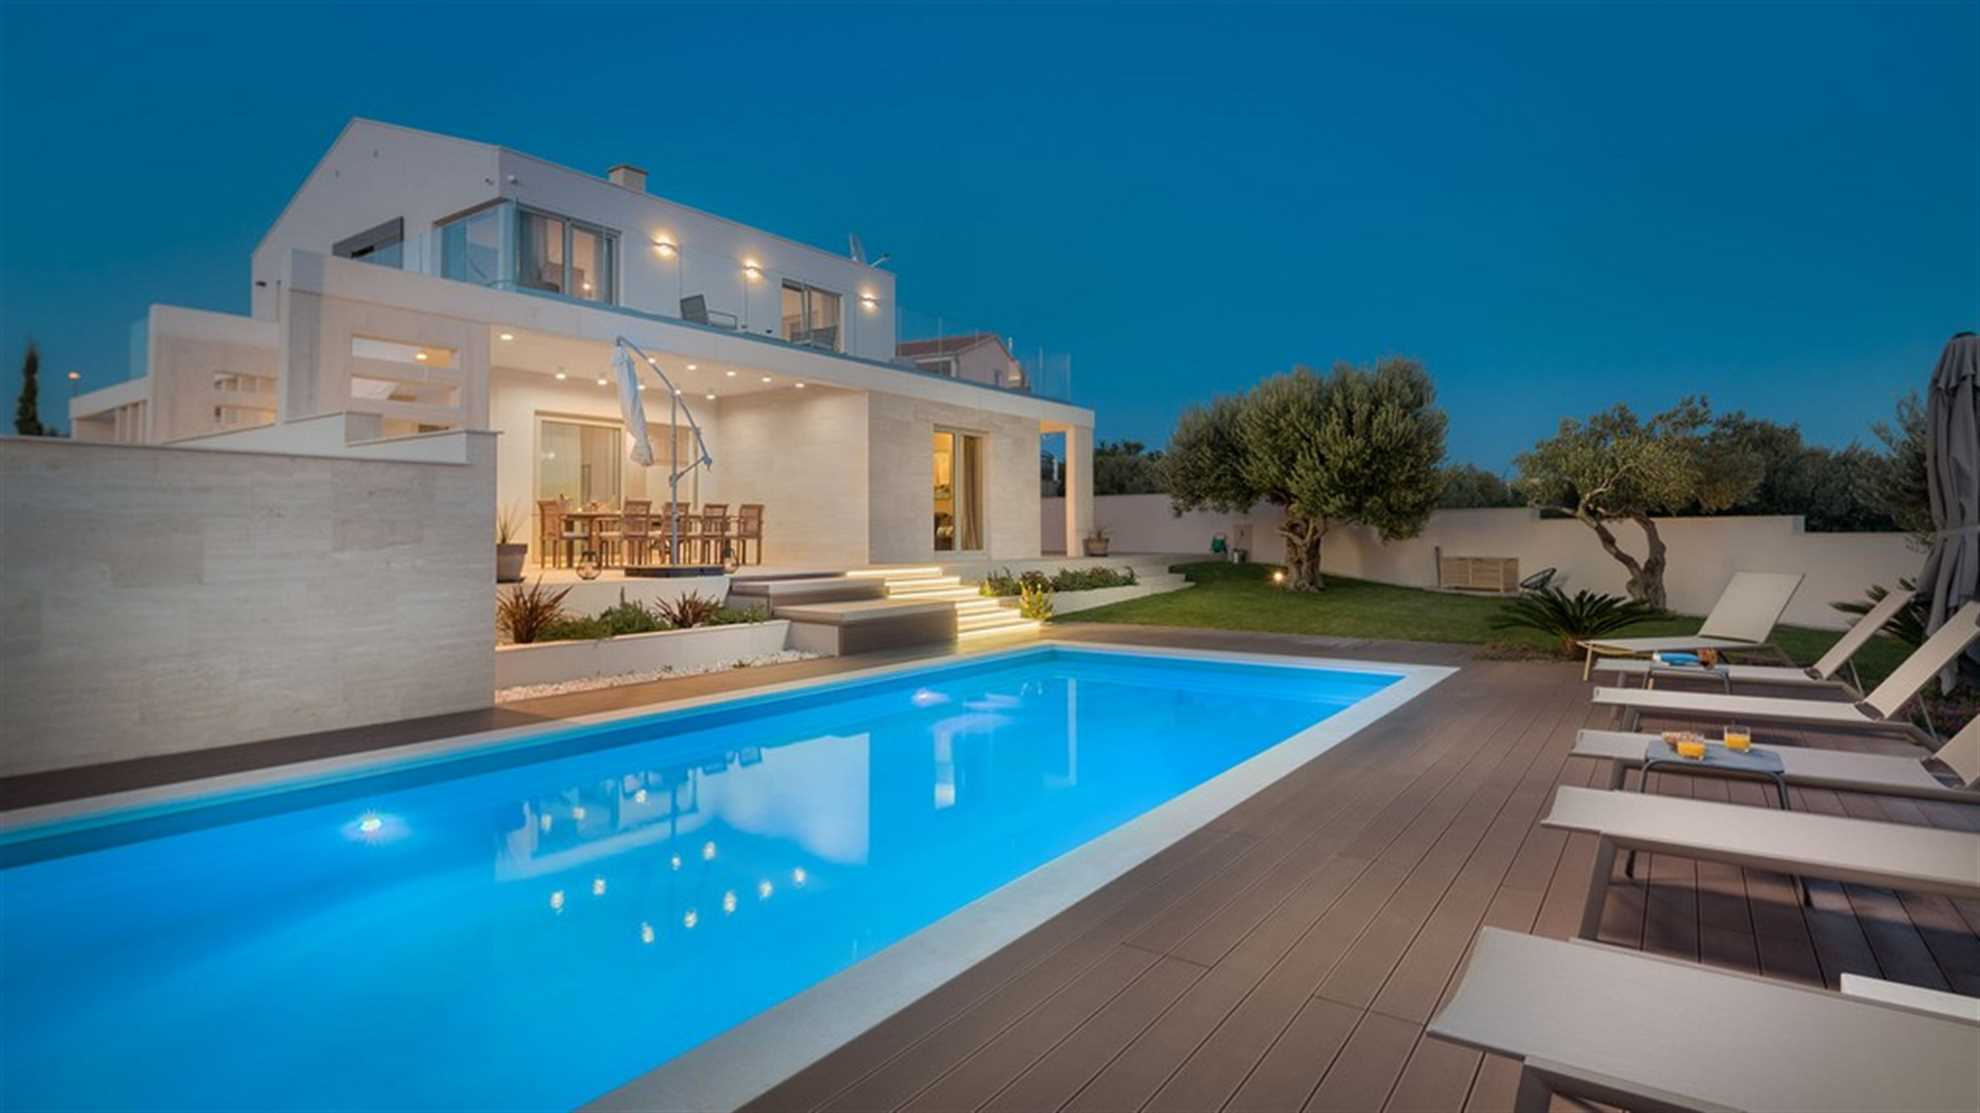 Luxury Villa Cinderella with Pool in Primosten